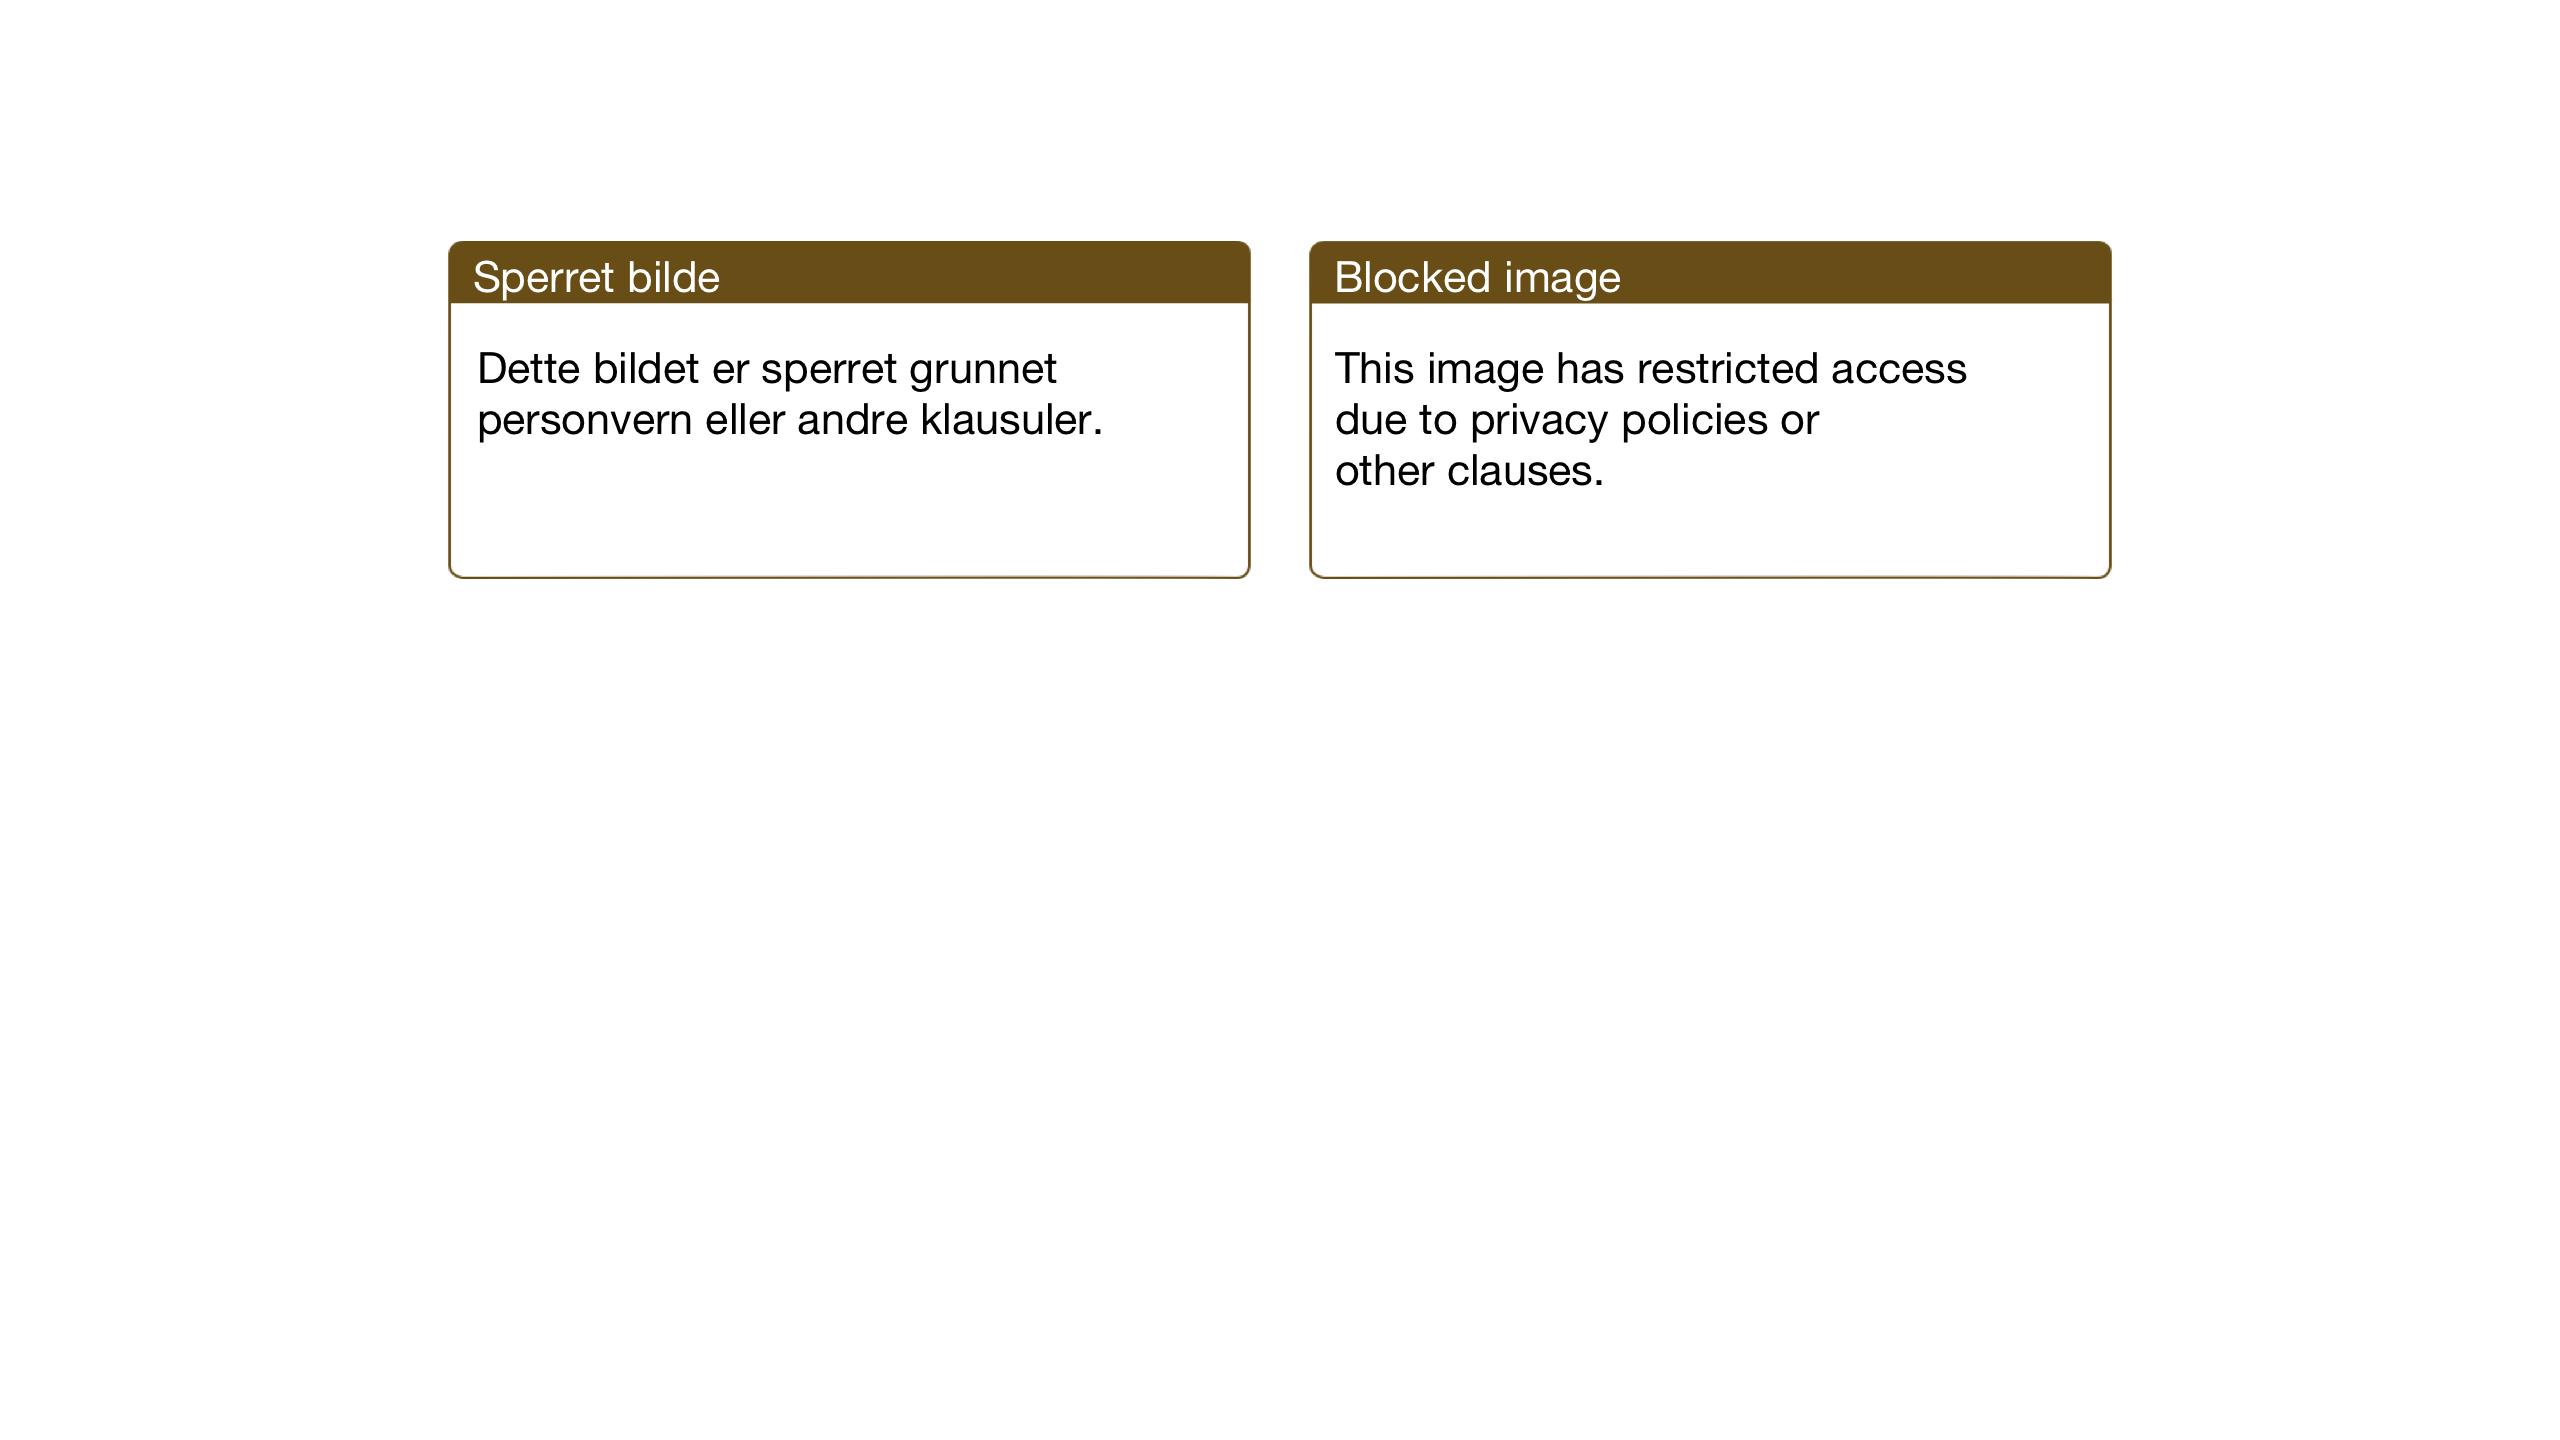 SAT, Ministerialprotokoller, klokkerbøker og fødselsregistre - Sør-Trøndelag, 638/L0569: Klokkerbok nr. 638C01, 1923-1961, s. 124